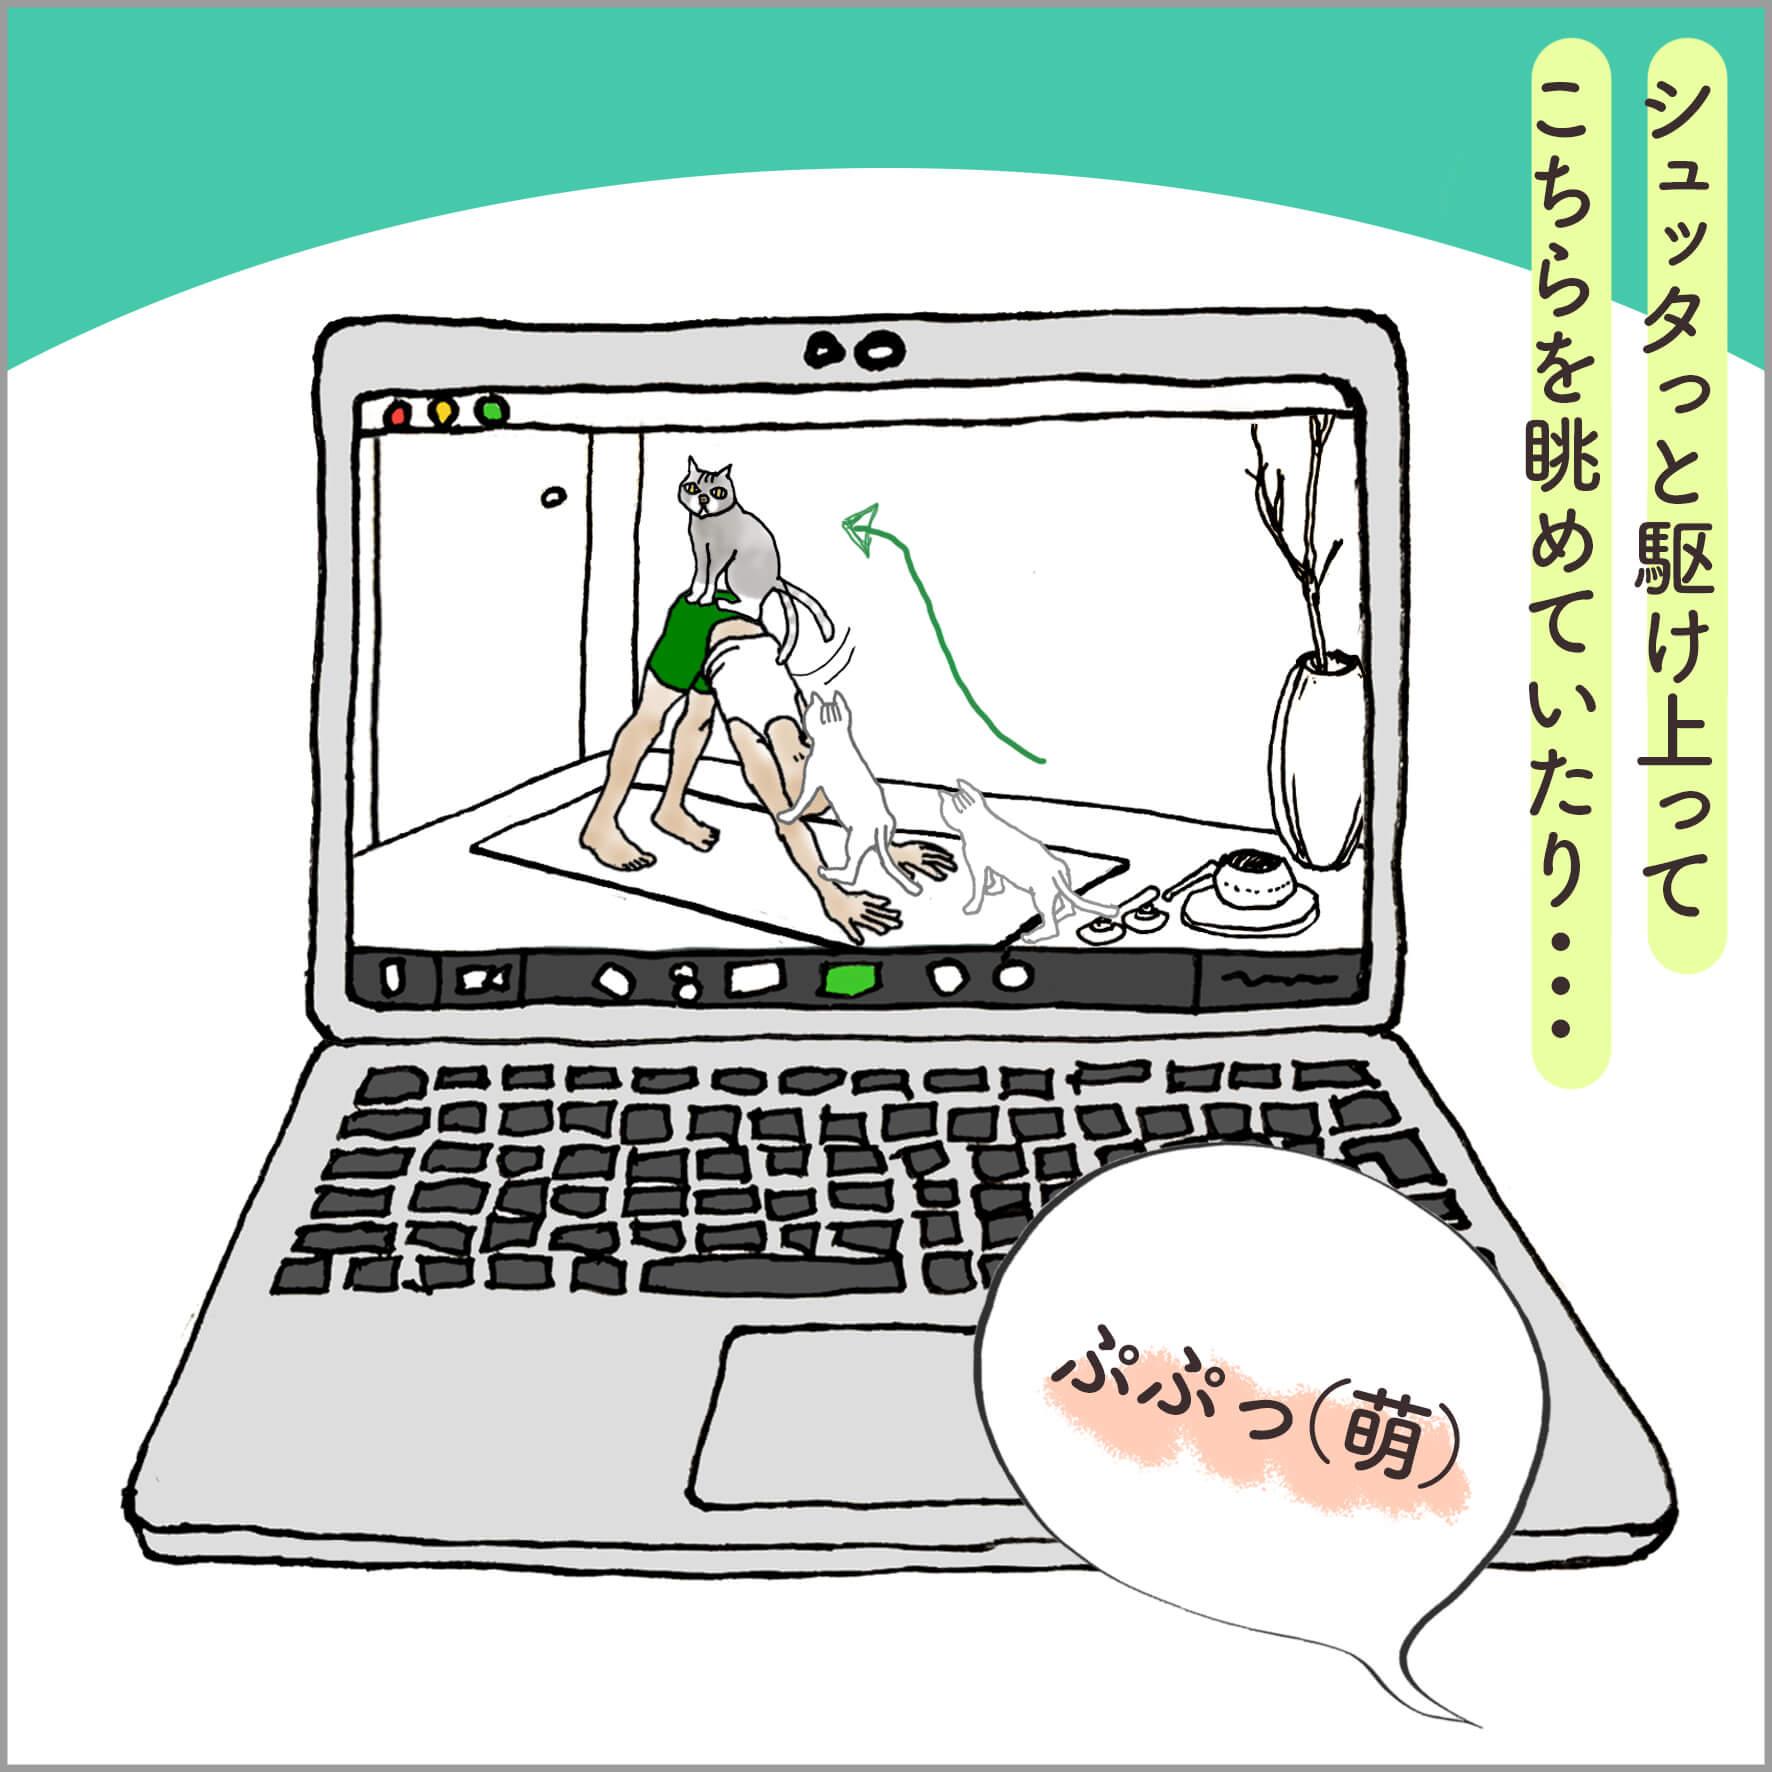 PCの画面に映るダウンドッグをとるヨガの先生とその上に登る猫